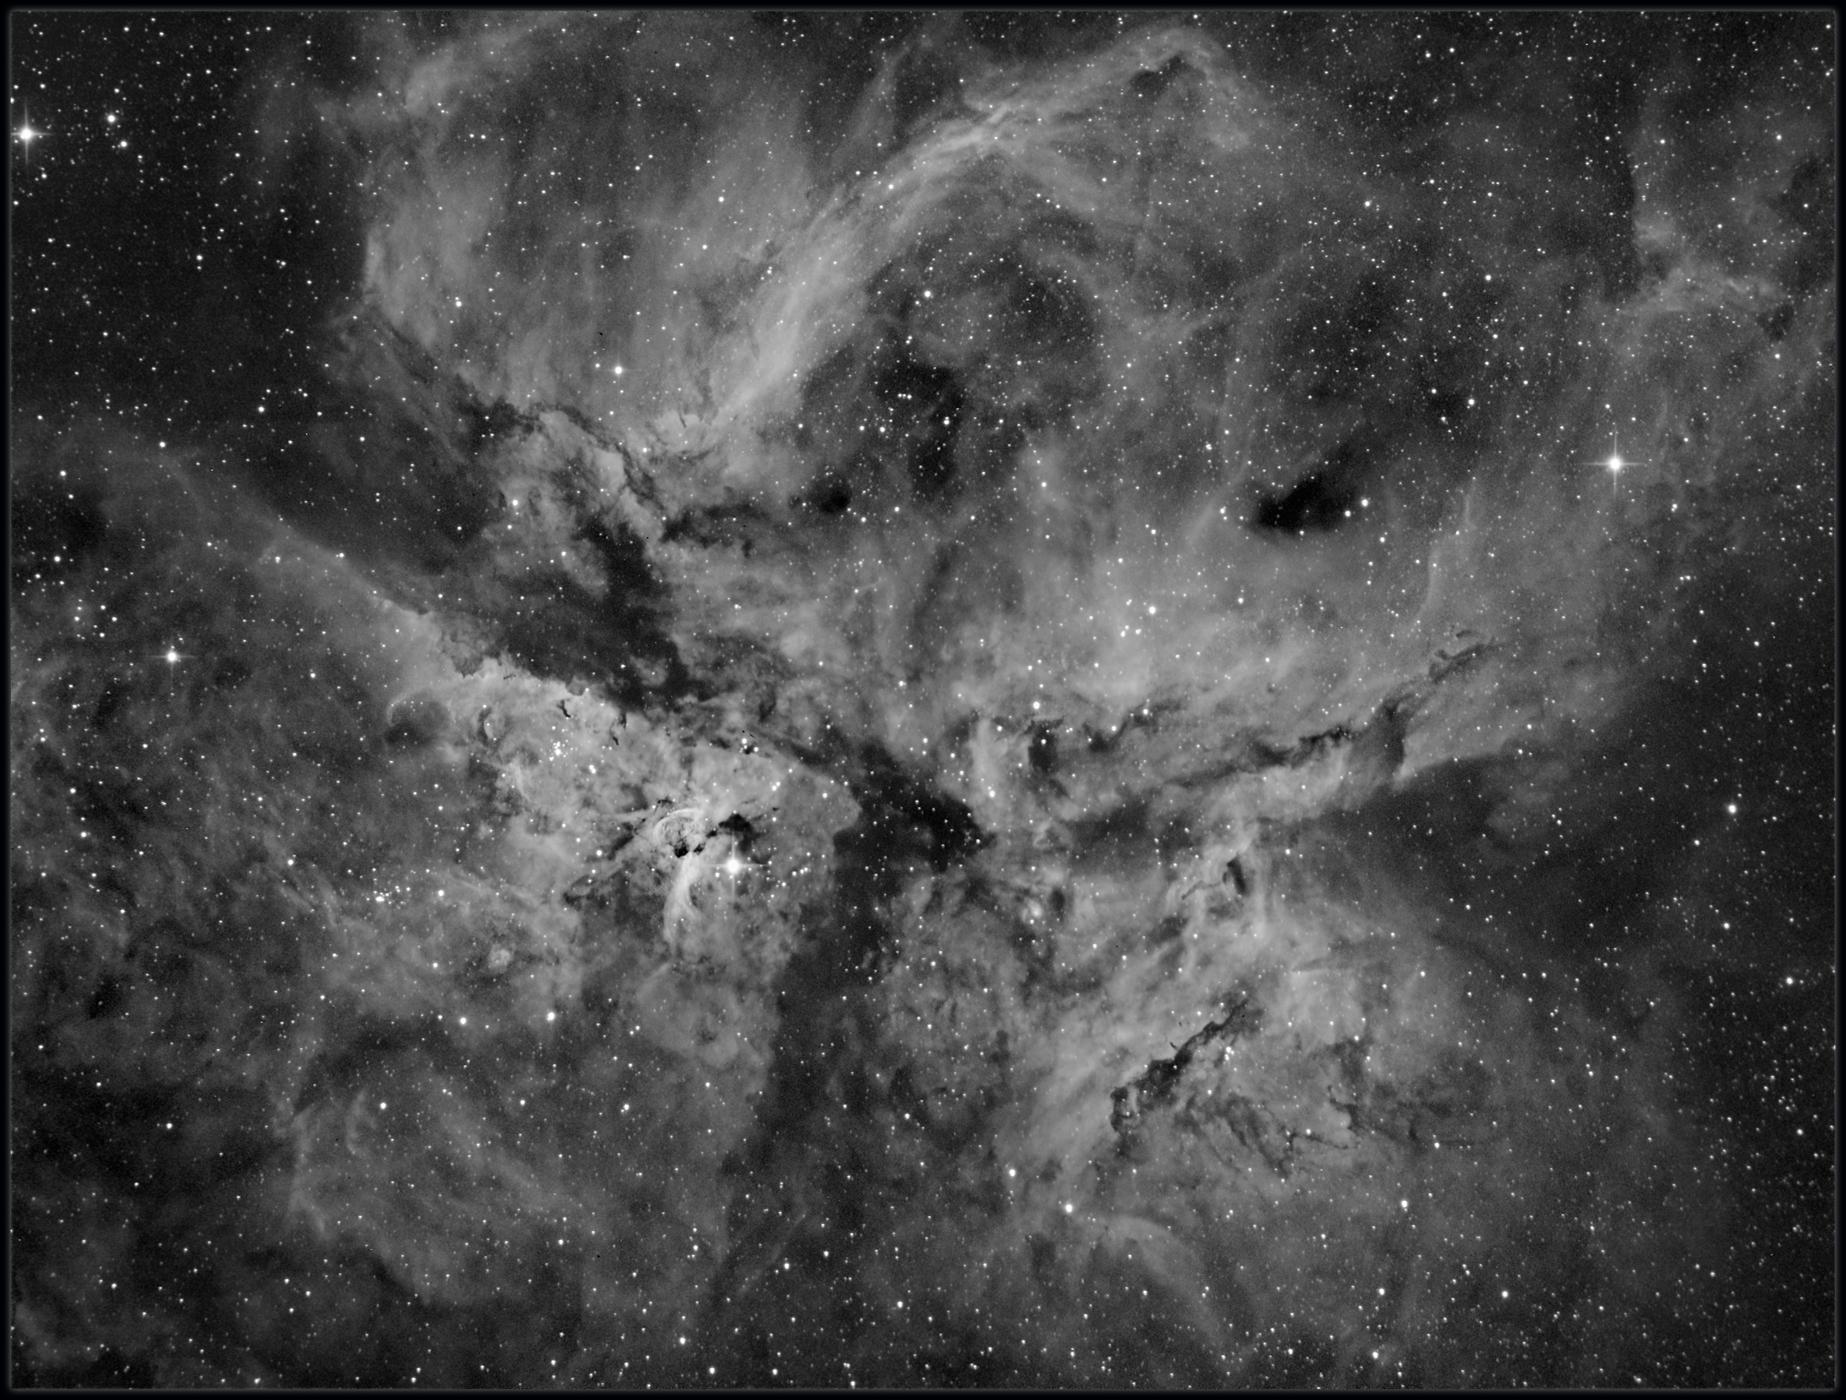 The Carina nebula -Hydrogen Alpha only